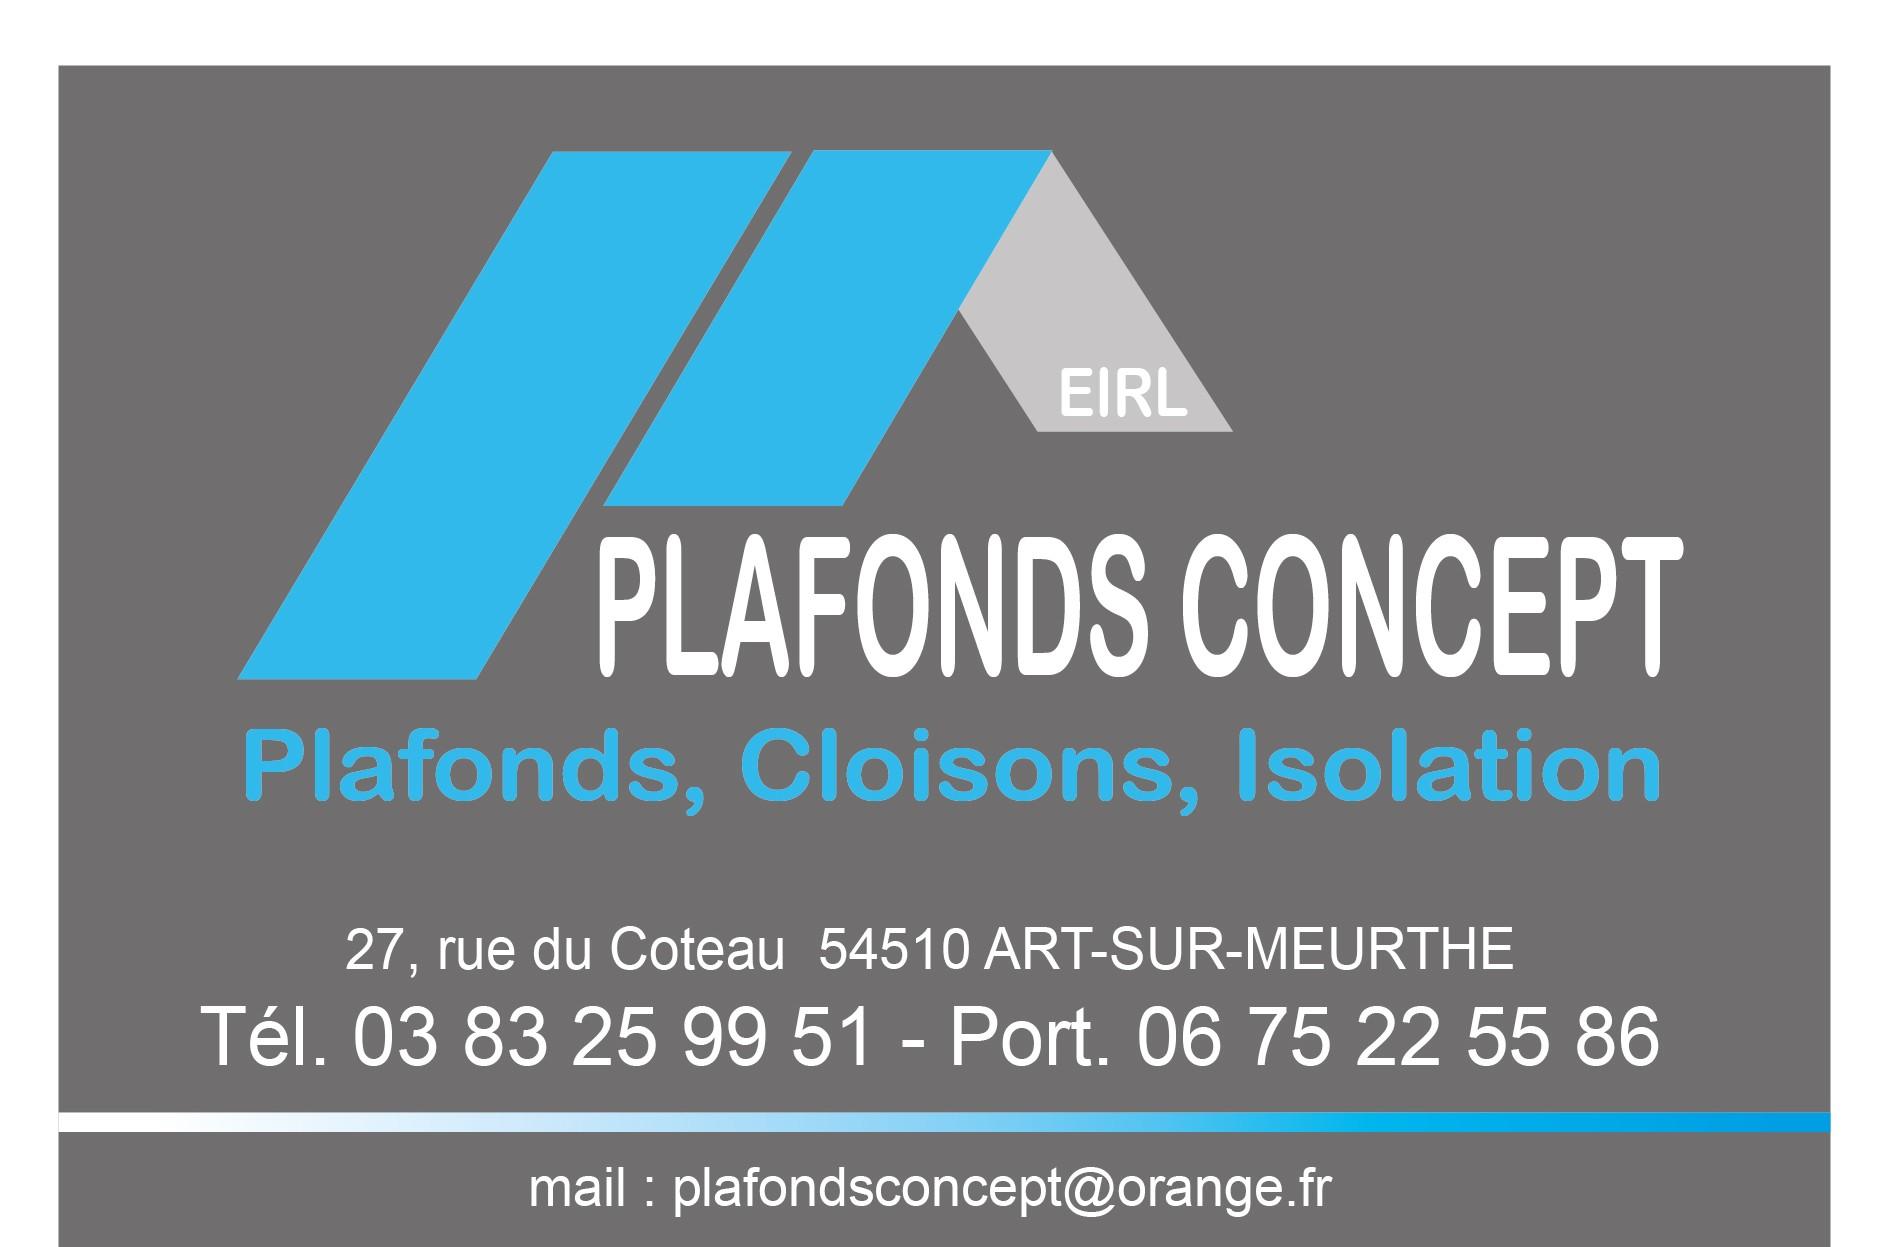 Plafonds Concept à Laneuveville-devant-Nancy